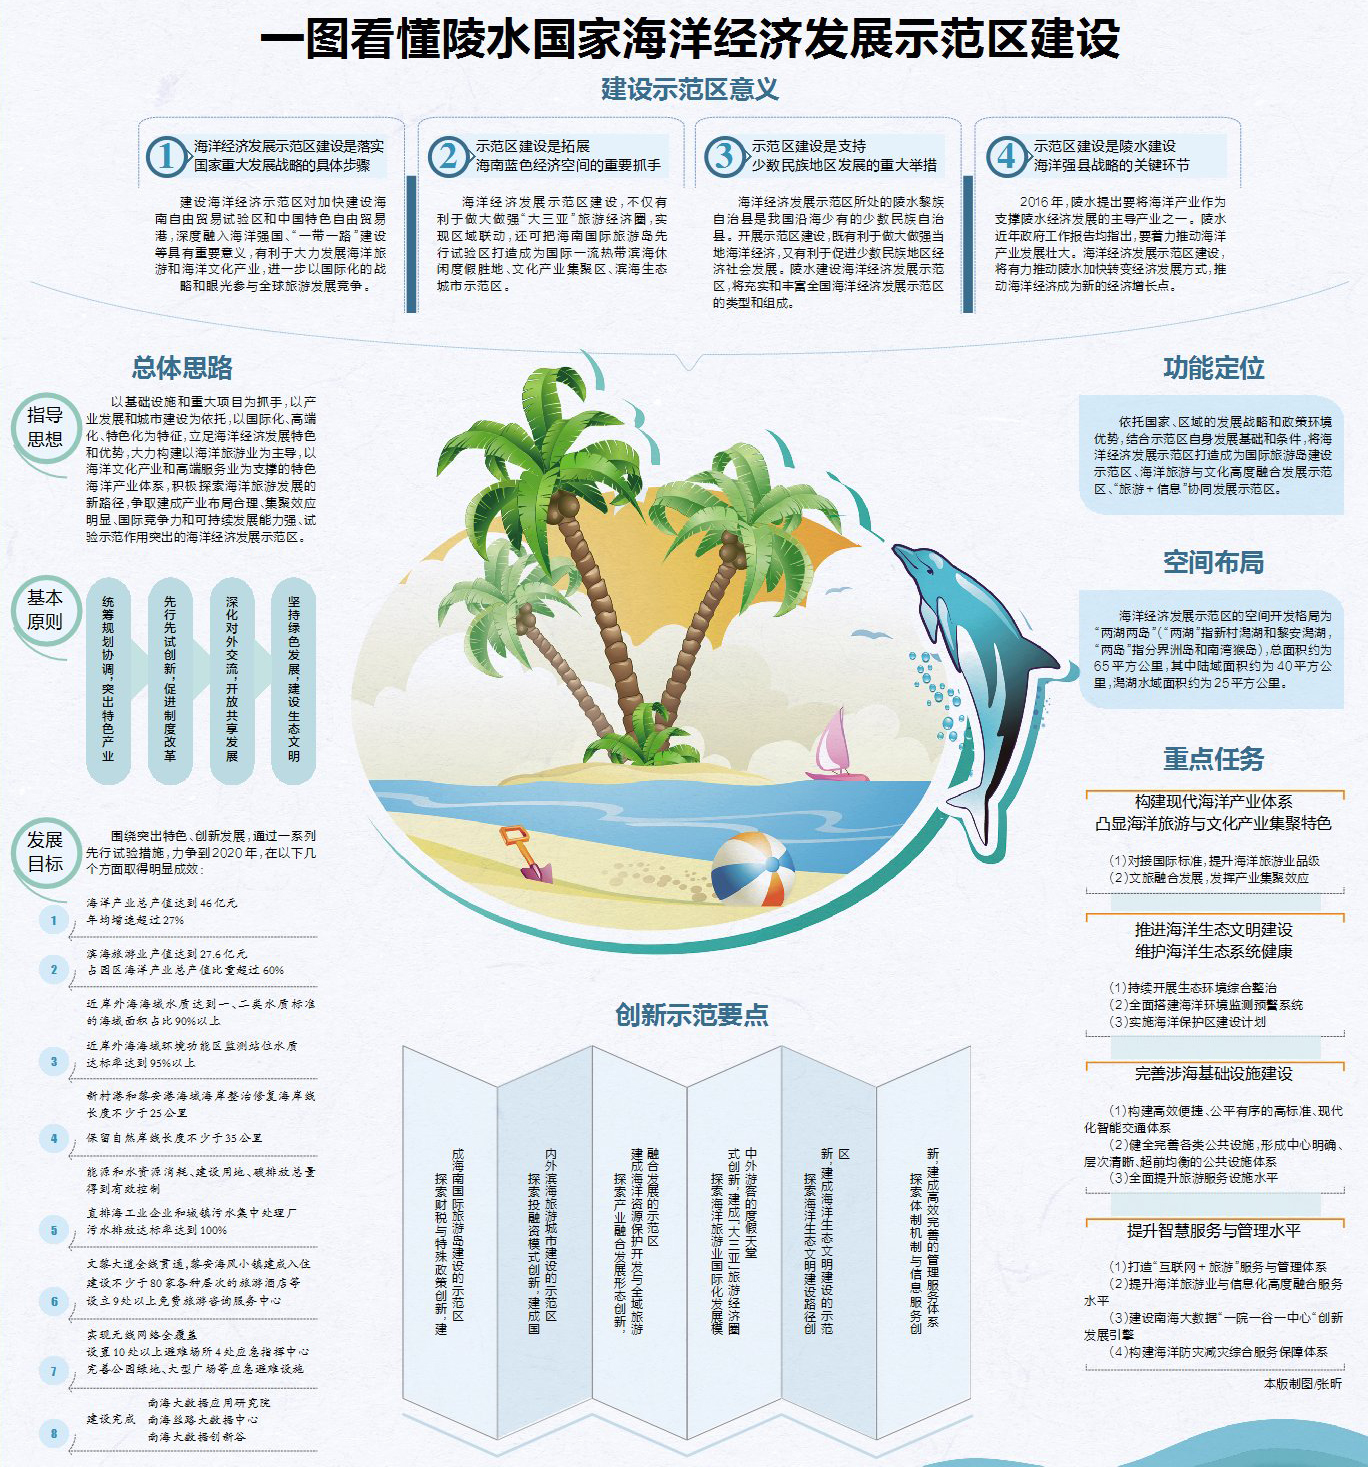 一图看懂陵水国家海洋经济发展示范区建设